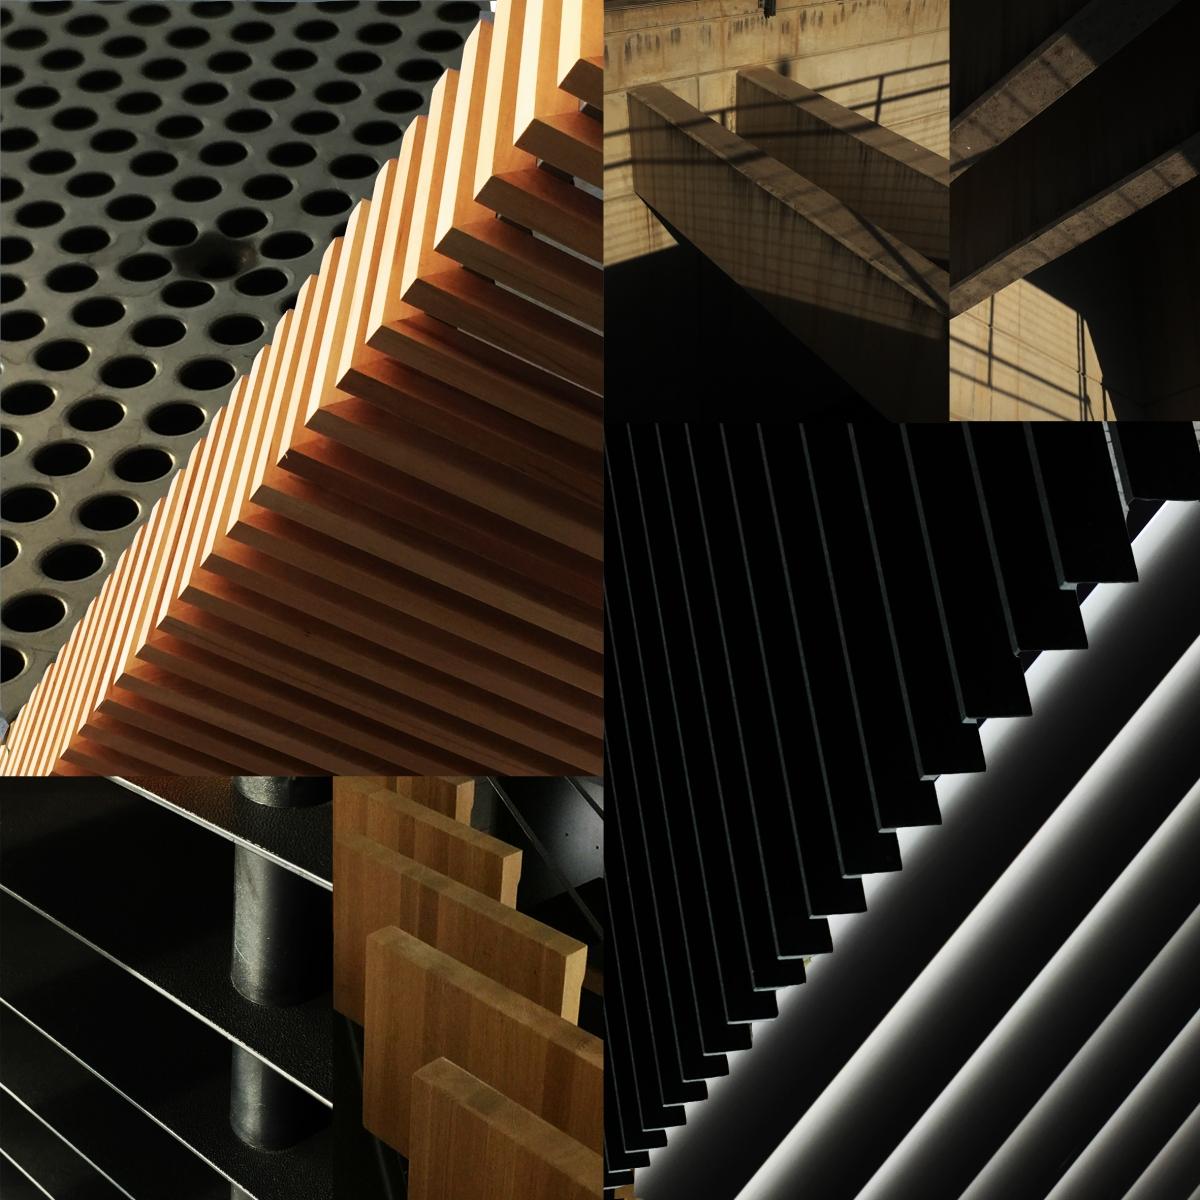 solid void ersan ilktan architectural photo essay